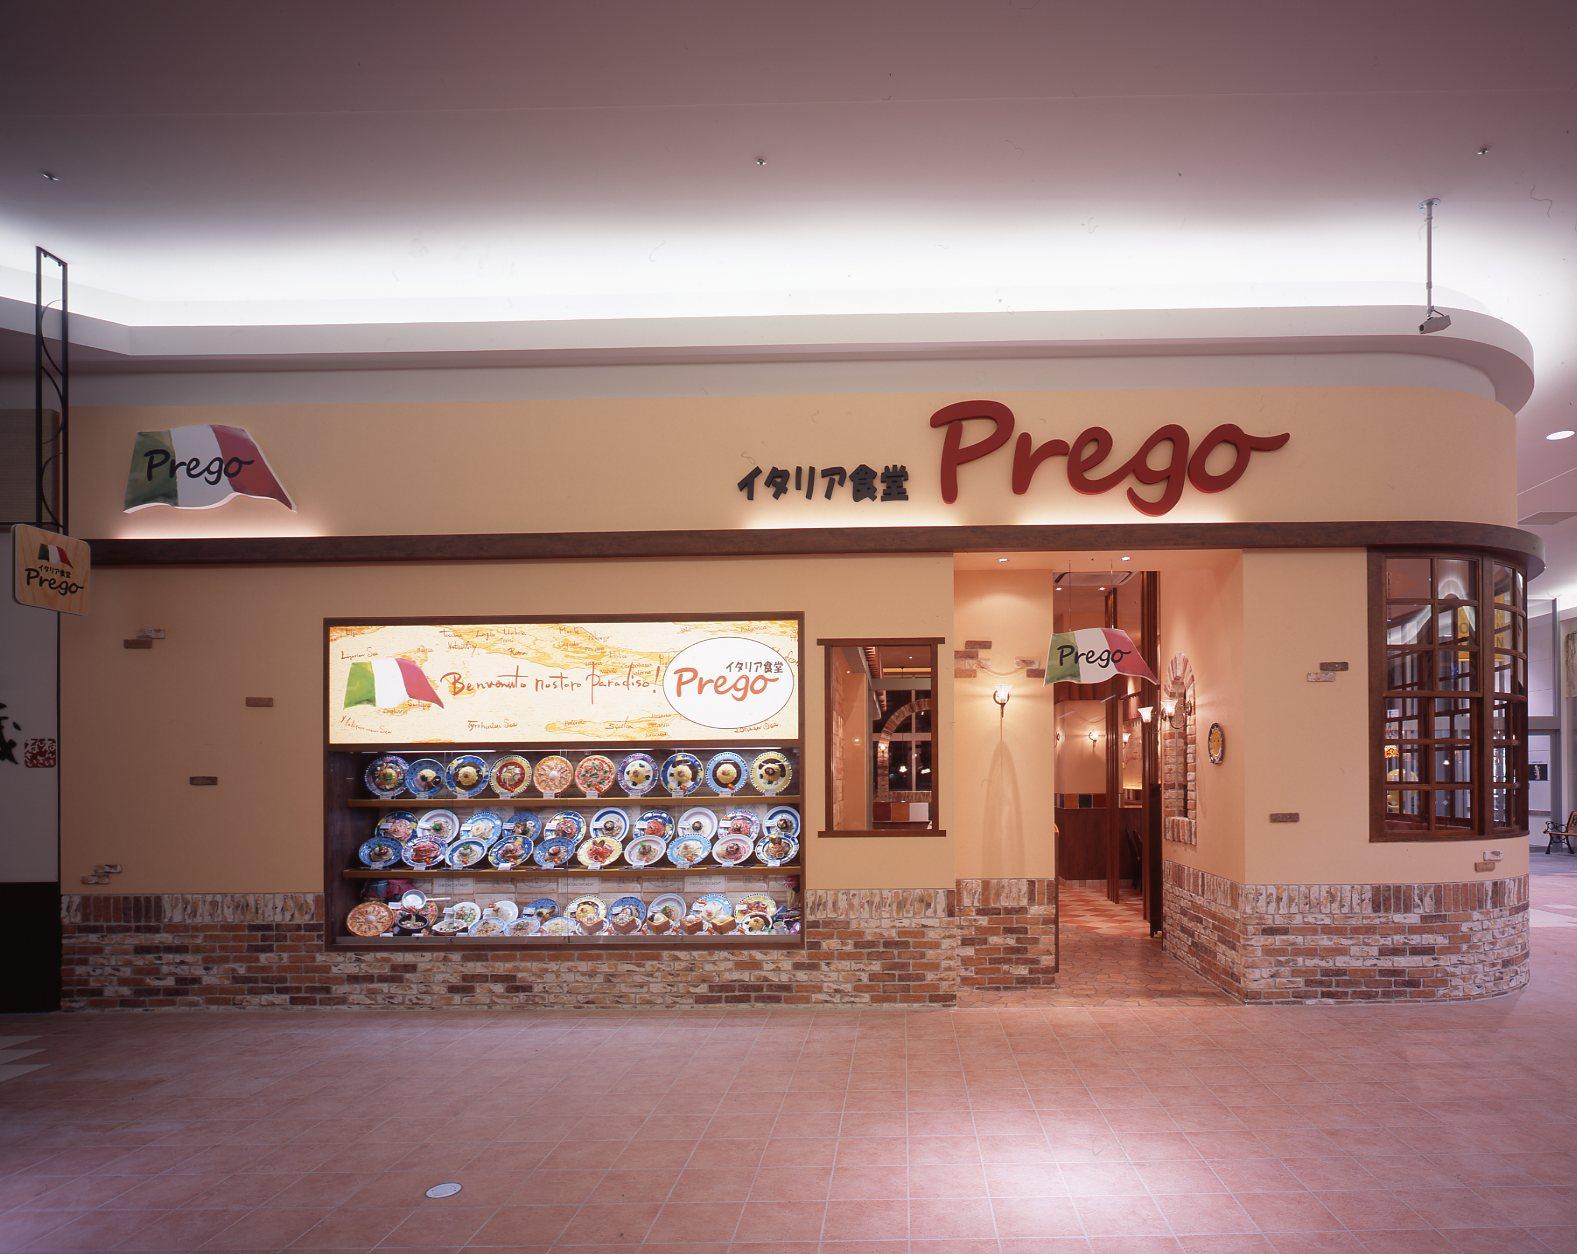 イタリア食堂Prego/Itarian restaurant Prego